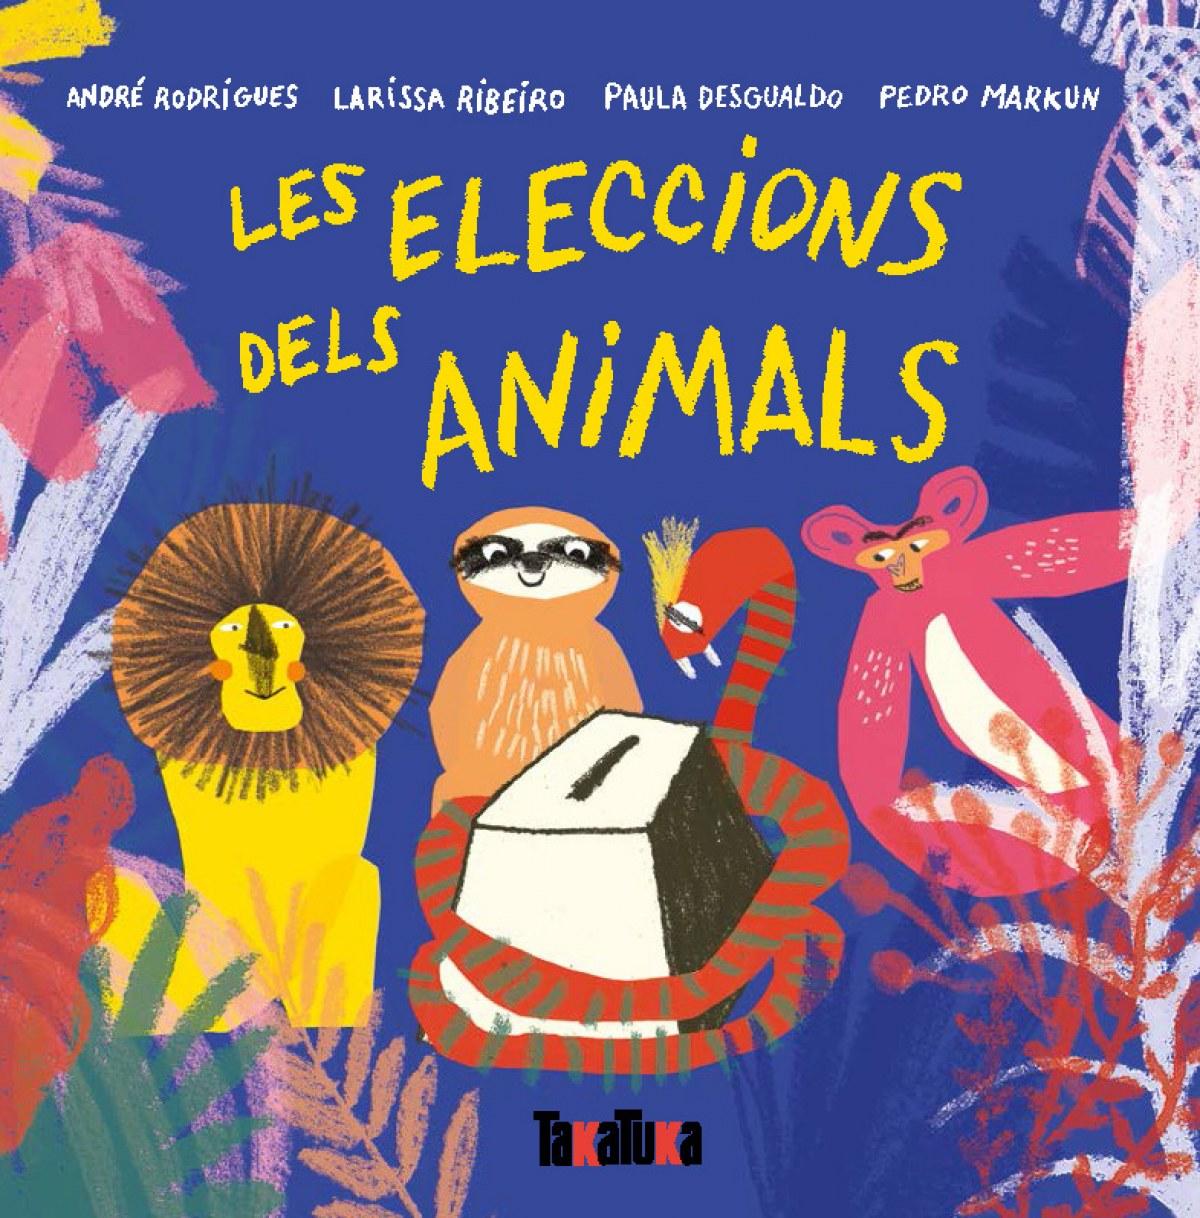 LES ELECCIONS DELS ANIMALS